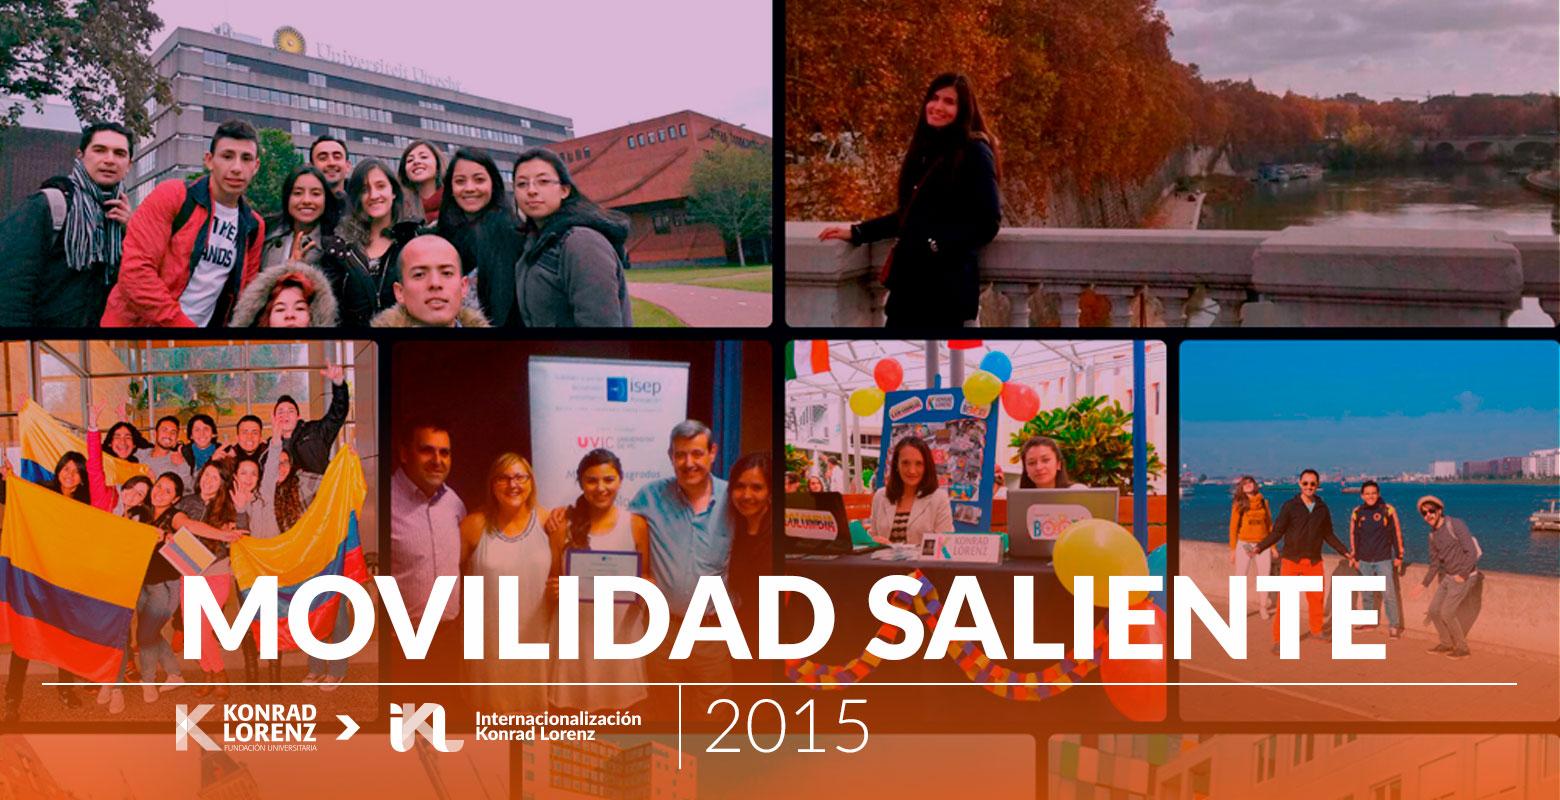 Movilidad Saliente 2015